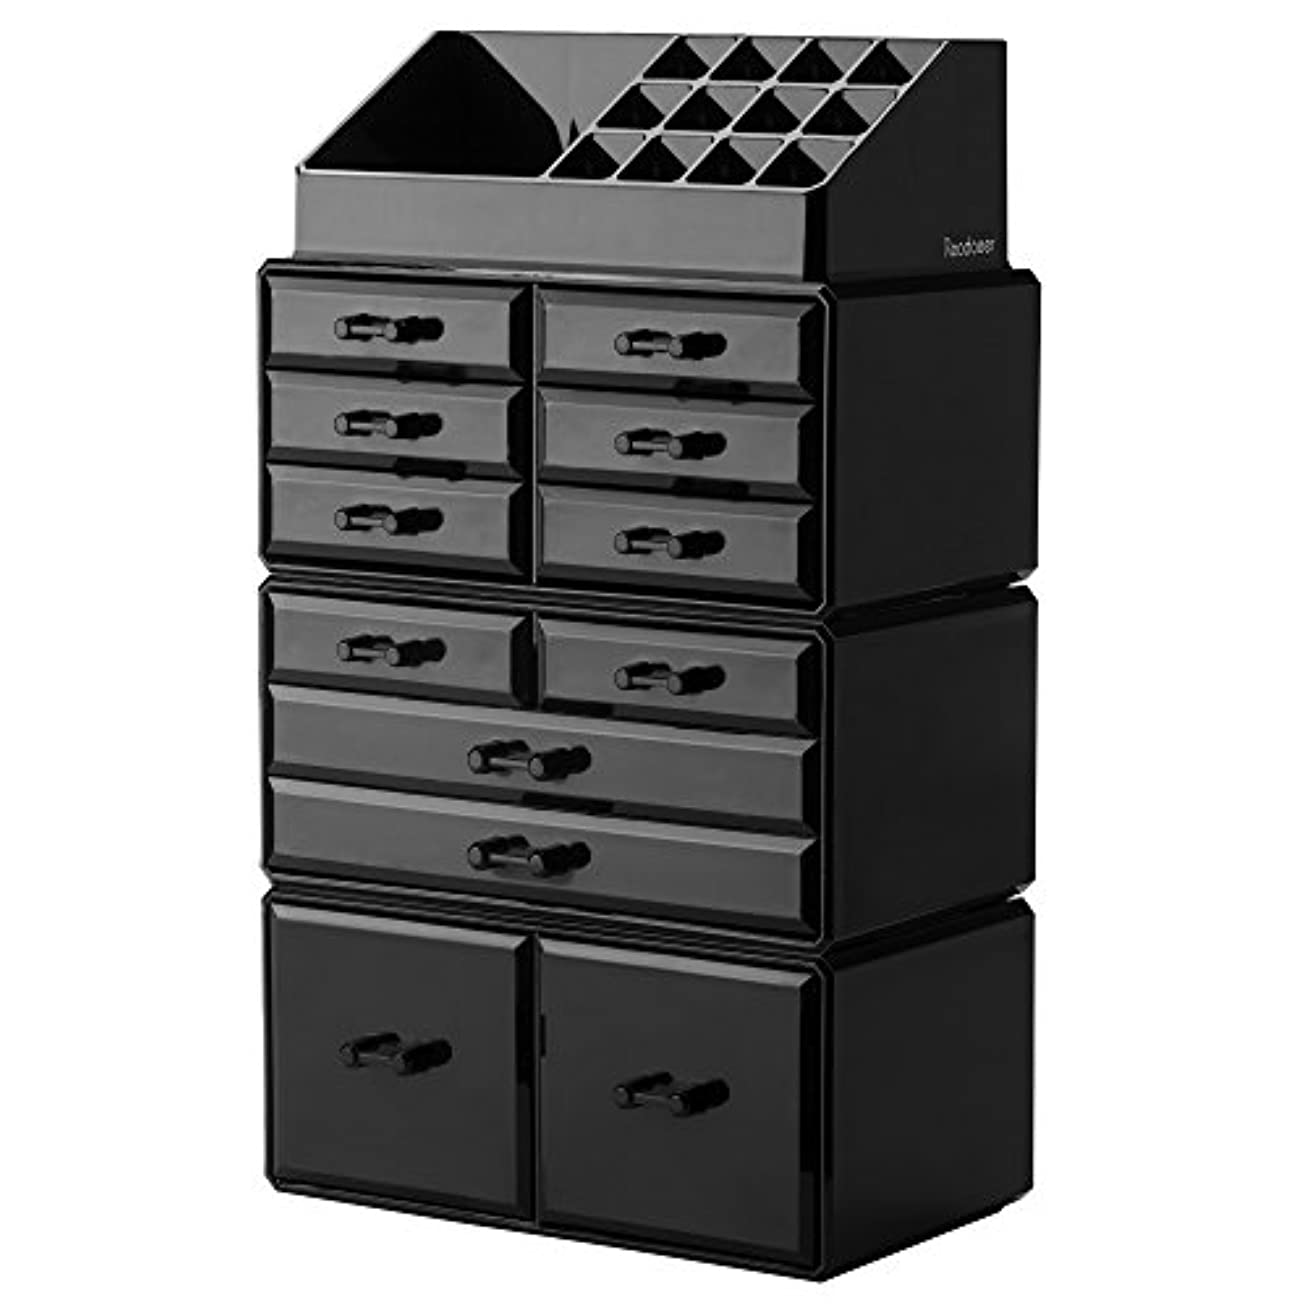 肥満増強フォージ(Black) - Readaeer Makeup Cosmetic Organiser Storage Drawers Display Boxes Case with 12 Drawers(Black)